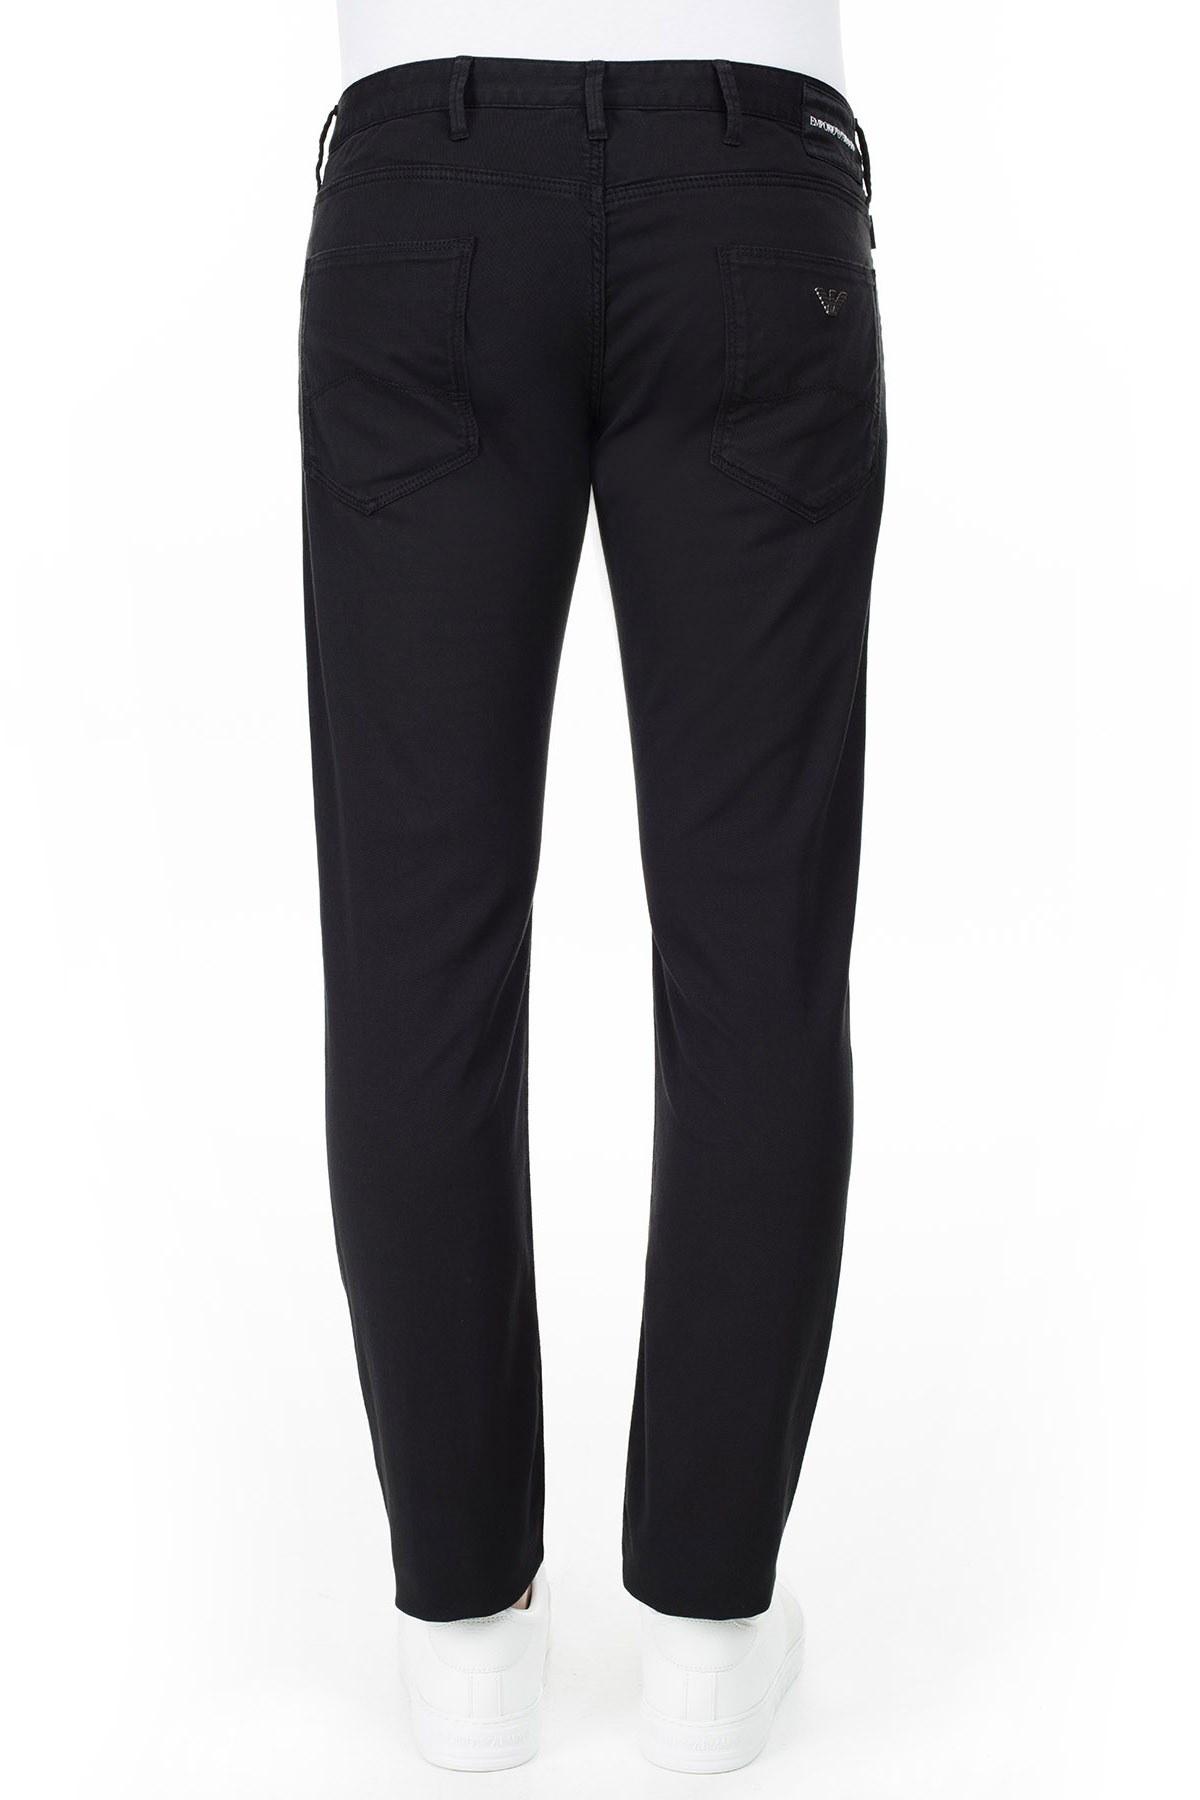 Emporio Armani J06 Jeans Erkek Pamuklu Pantolon 3H1J06 1N4ZZ 0999 SİYAH